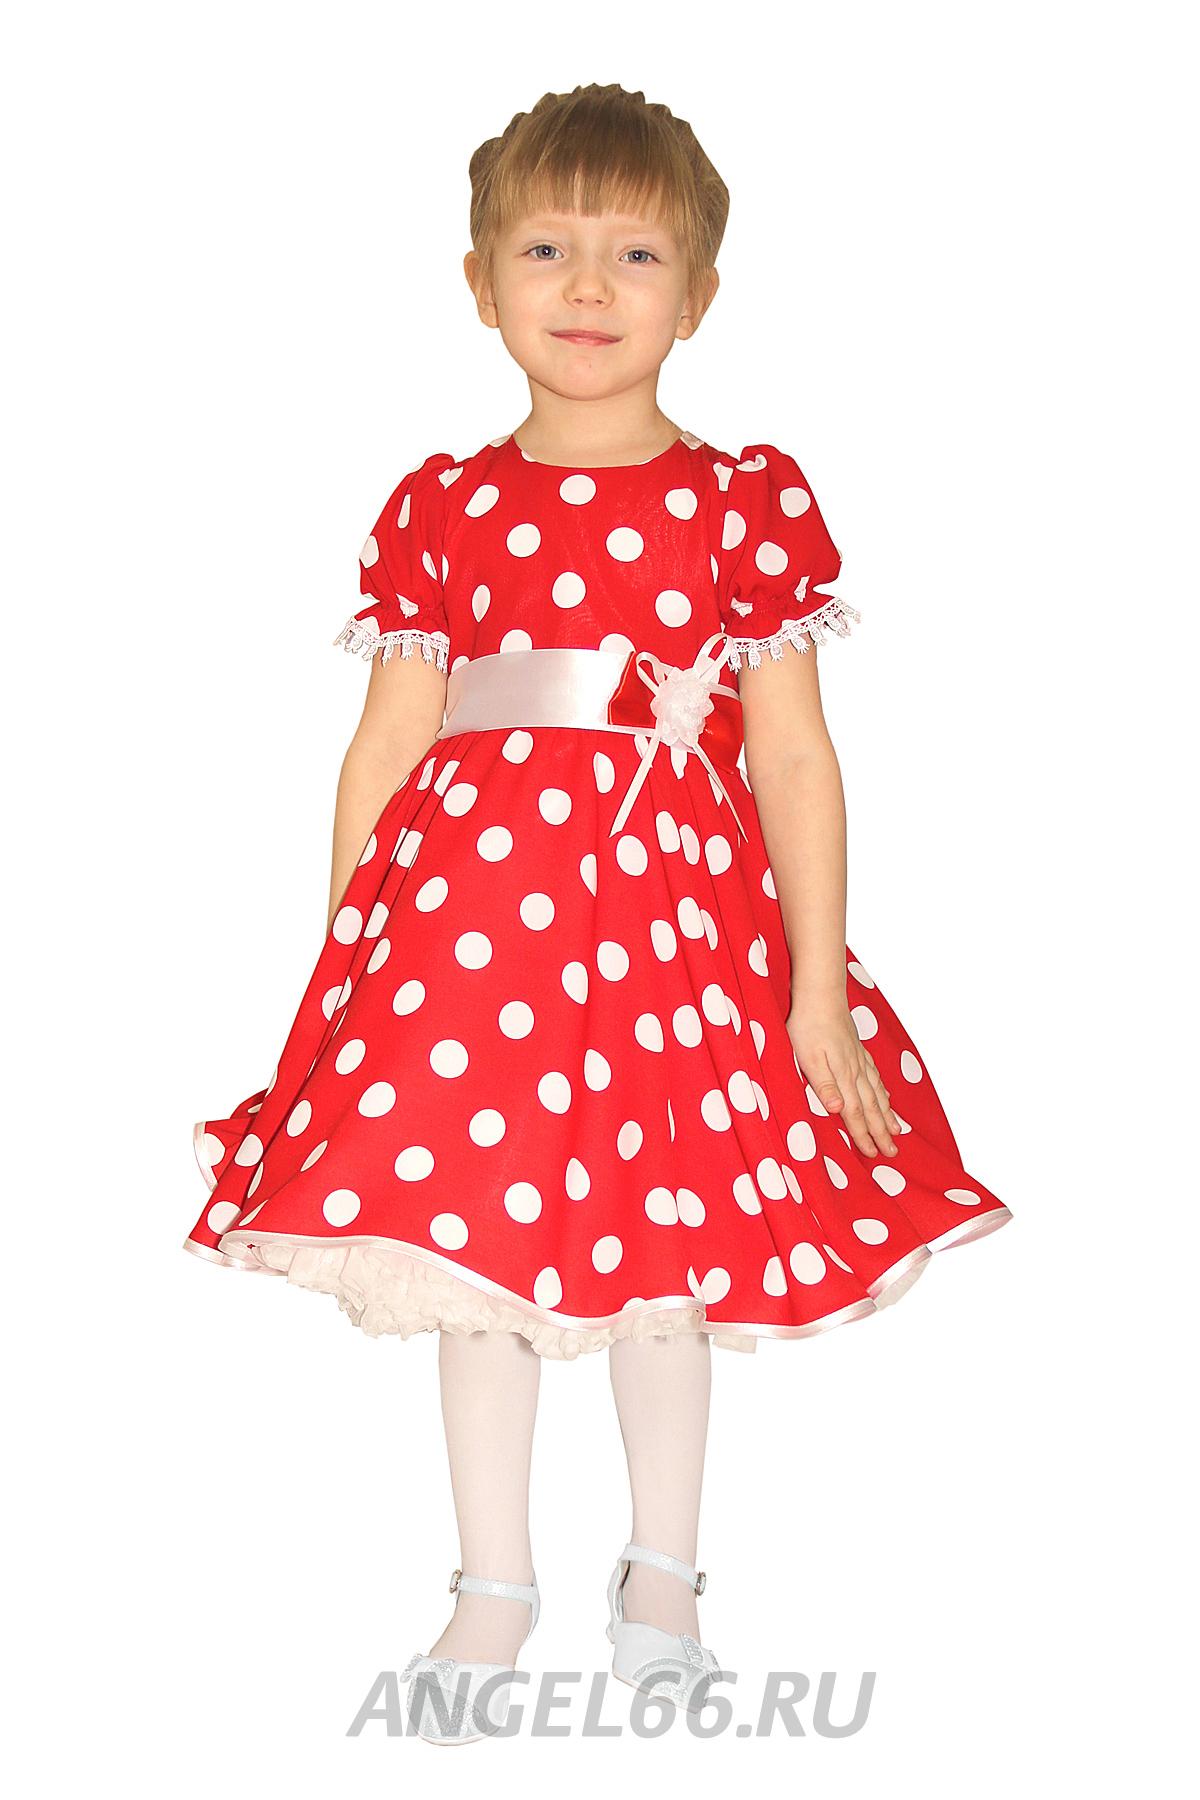 М0дные @нгел0чки. Качественная, яркая, модная детская одежда платья повседневные и нарядные, школьная форма, термобелье